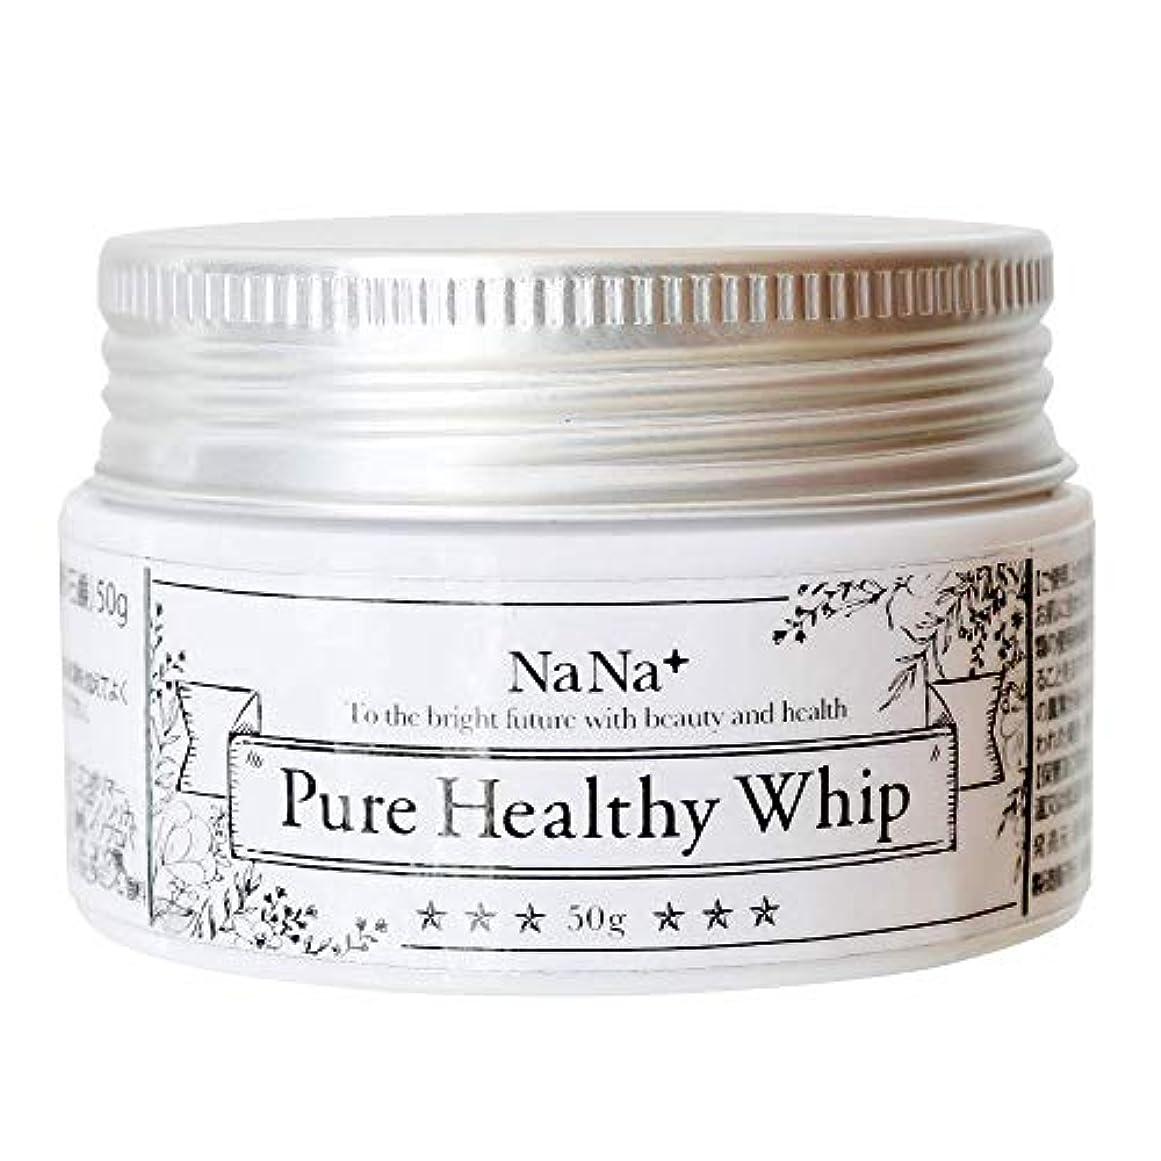 管理対処死の顎洗顔 生せっけん 敏感肌 乾燥肌 の 毛穴 くすみ 黒ずみ ケア 肌に優しい無添加  nana+ピュアヘルシーホイップ